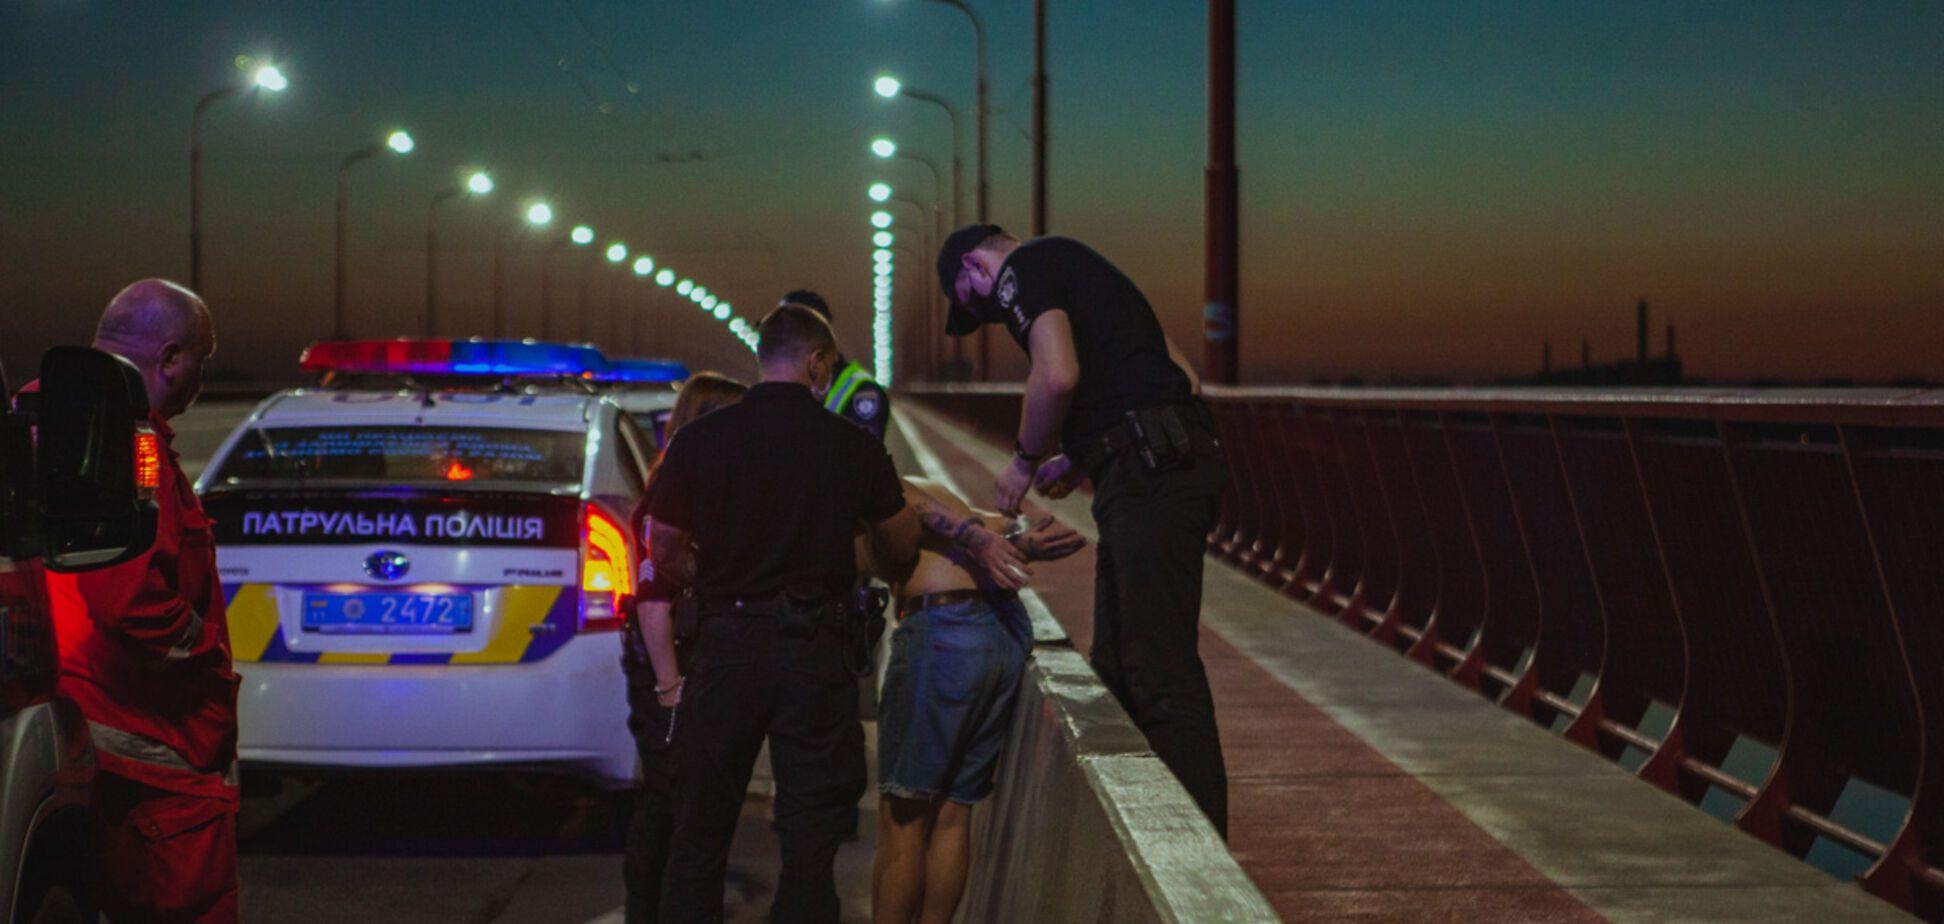 В Днепре полиция остановила парня, который пытался разными способами покончить с жизнью